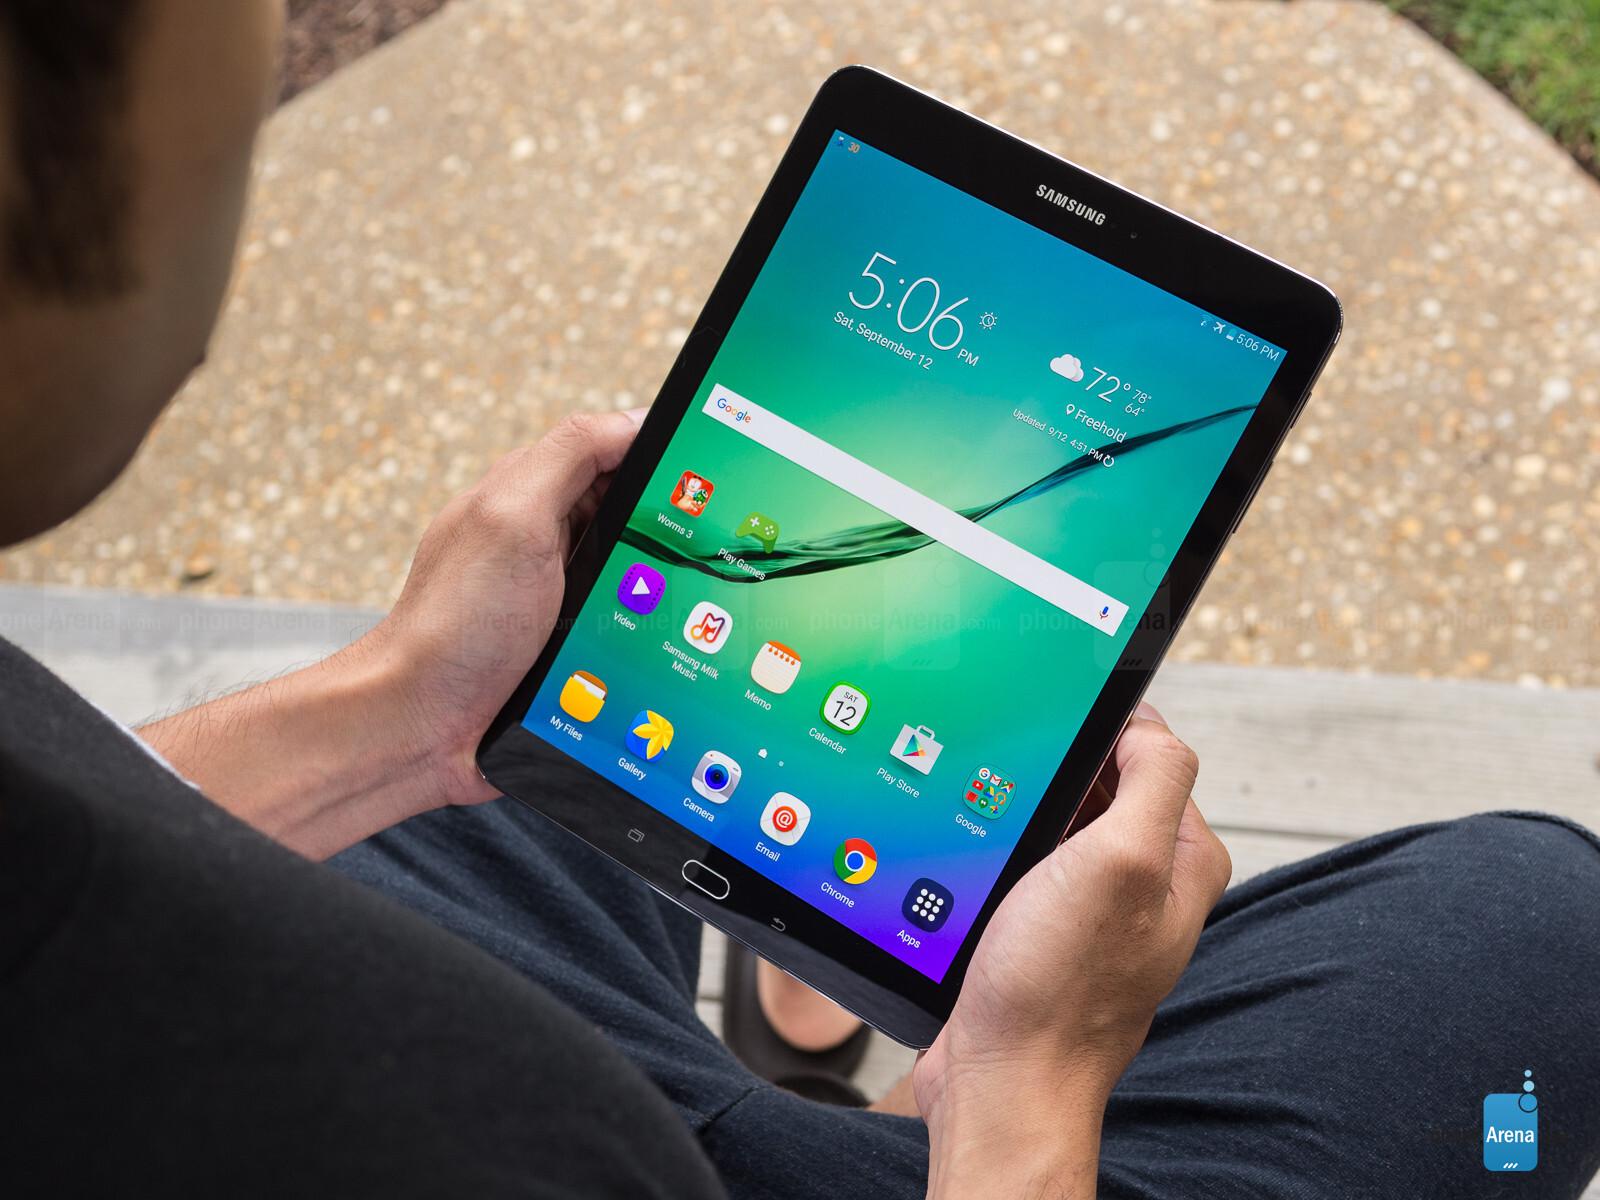 Samsung Galaxy Tab S2 9.7-inch Review 630c22c20de9